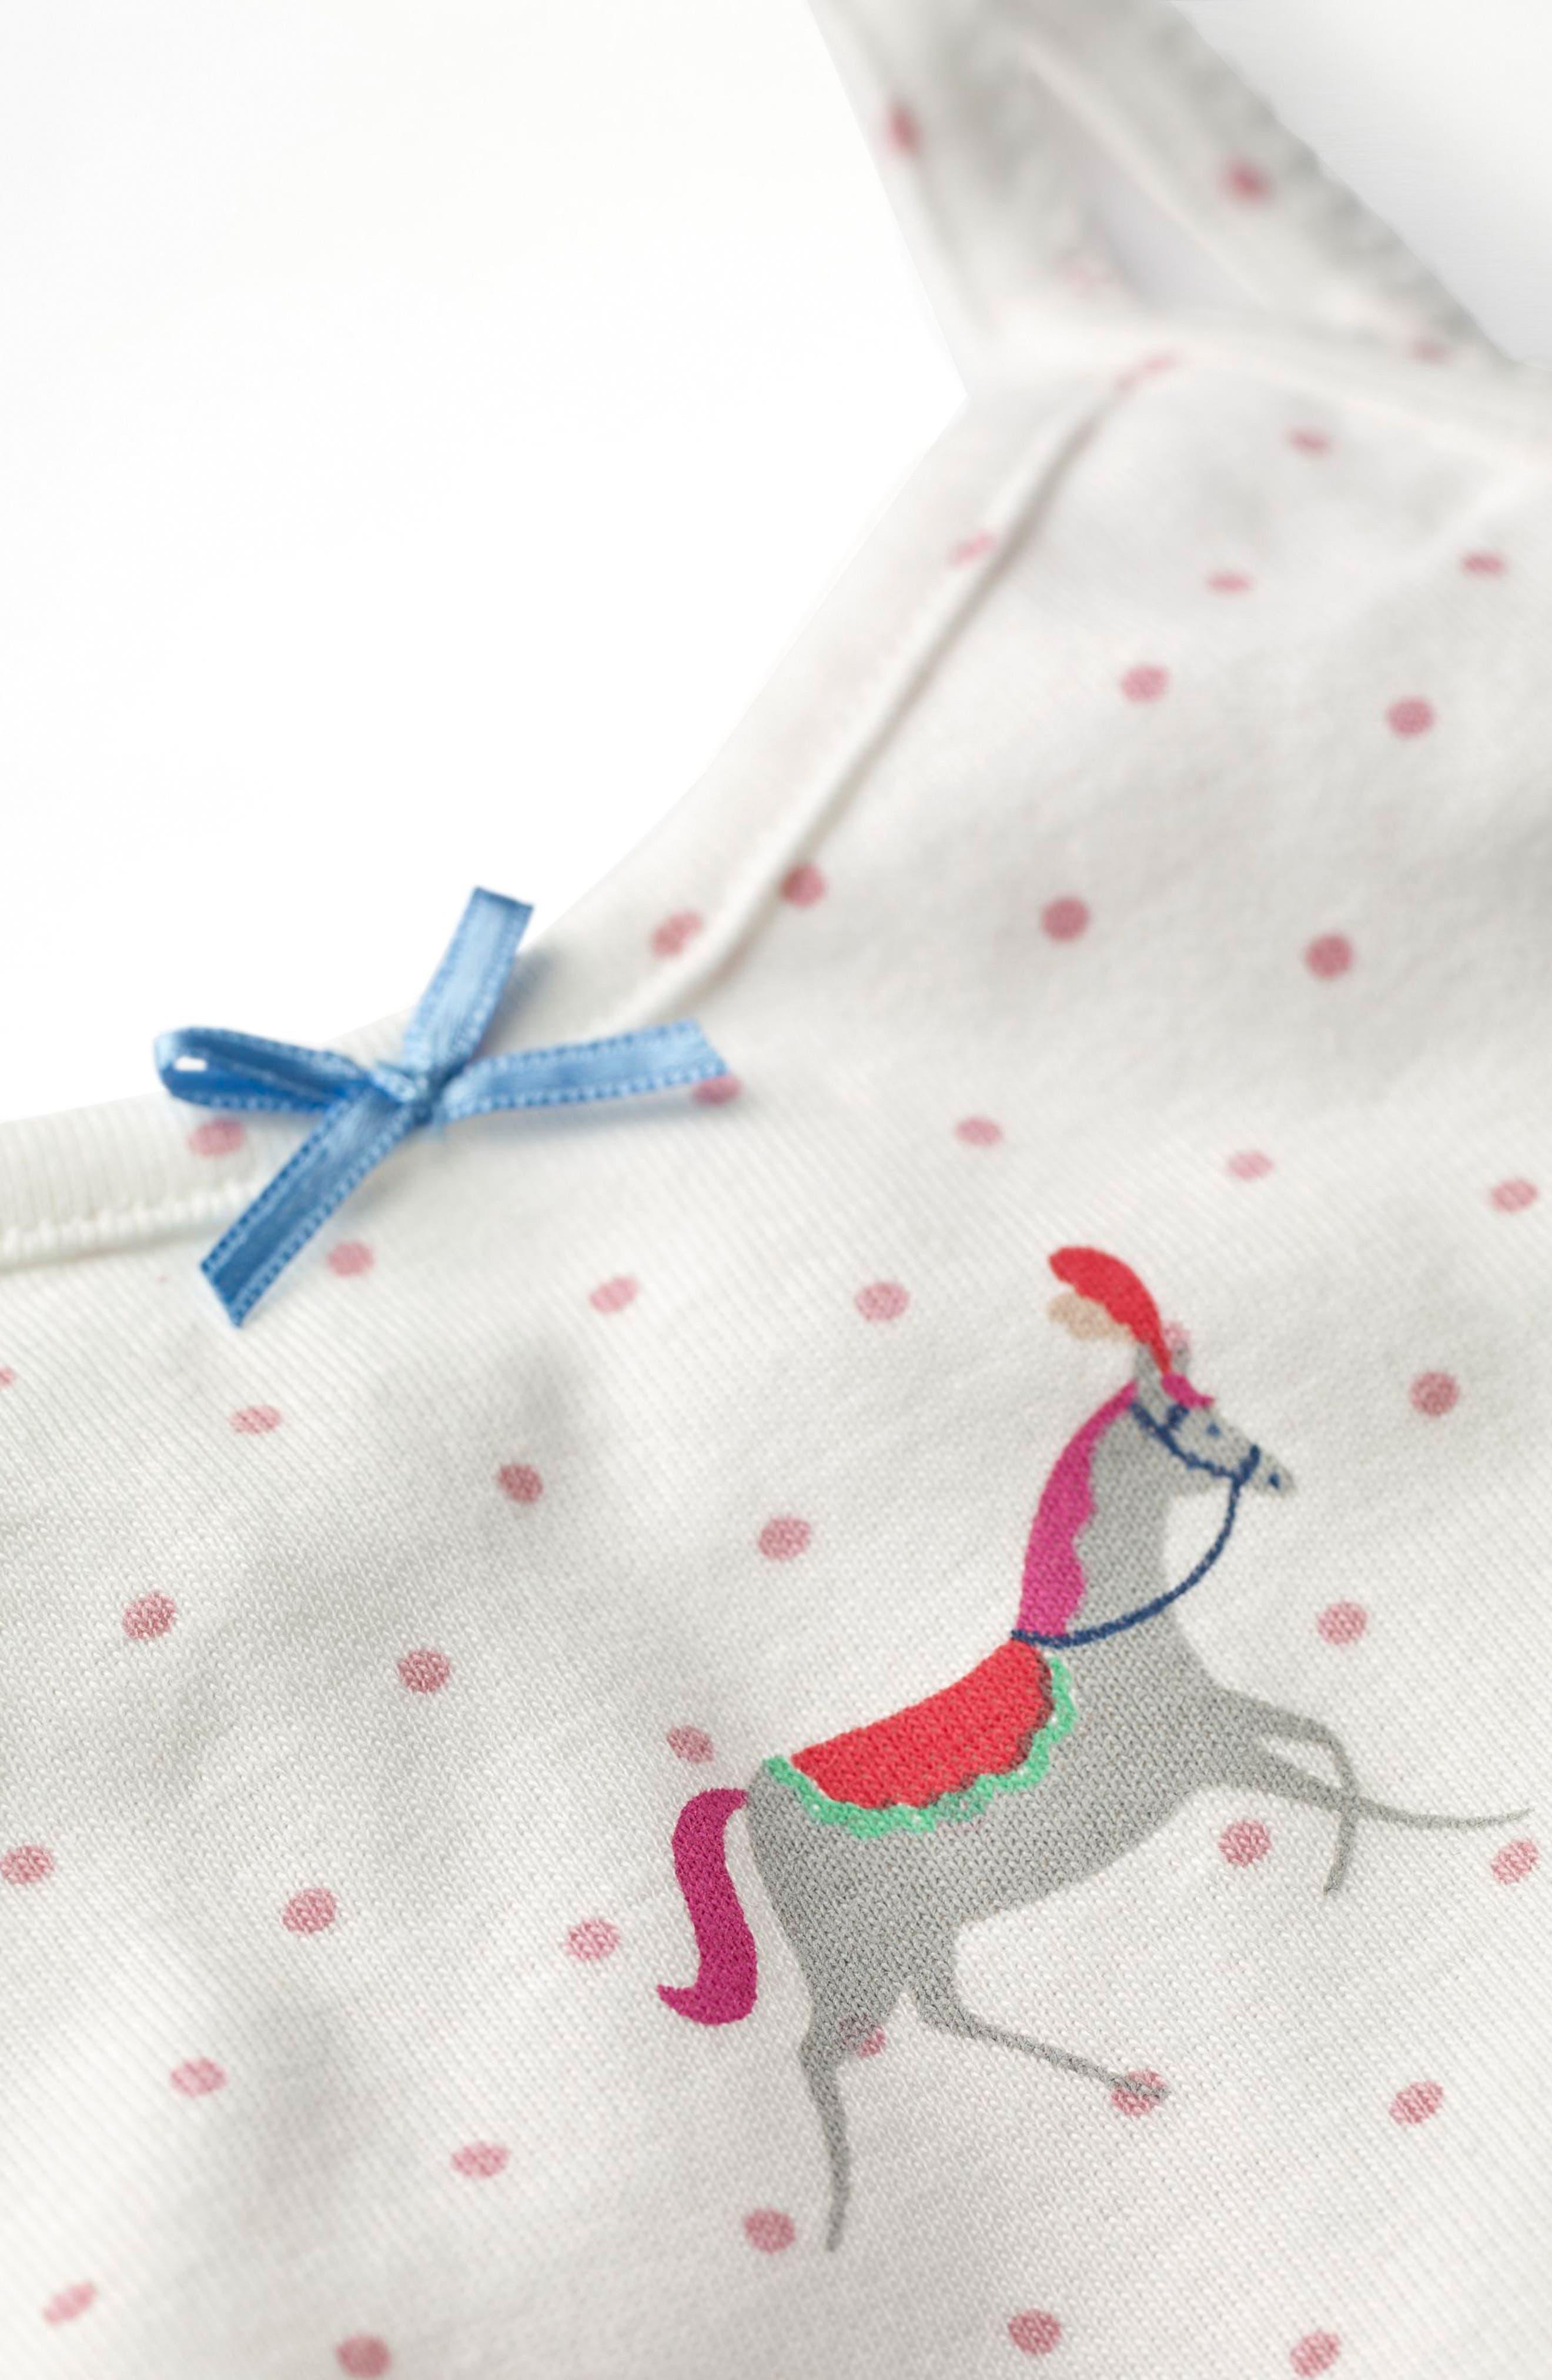 MINI BODEN,                             2-Pack Cotton Camisoles,                             Alternate thumbnail 2, color,                             402